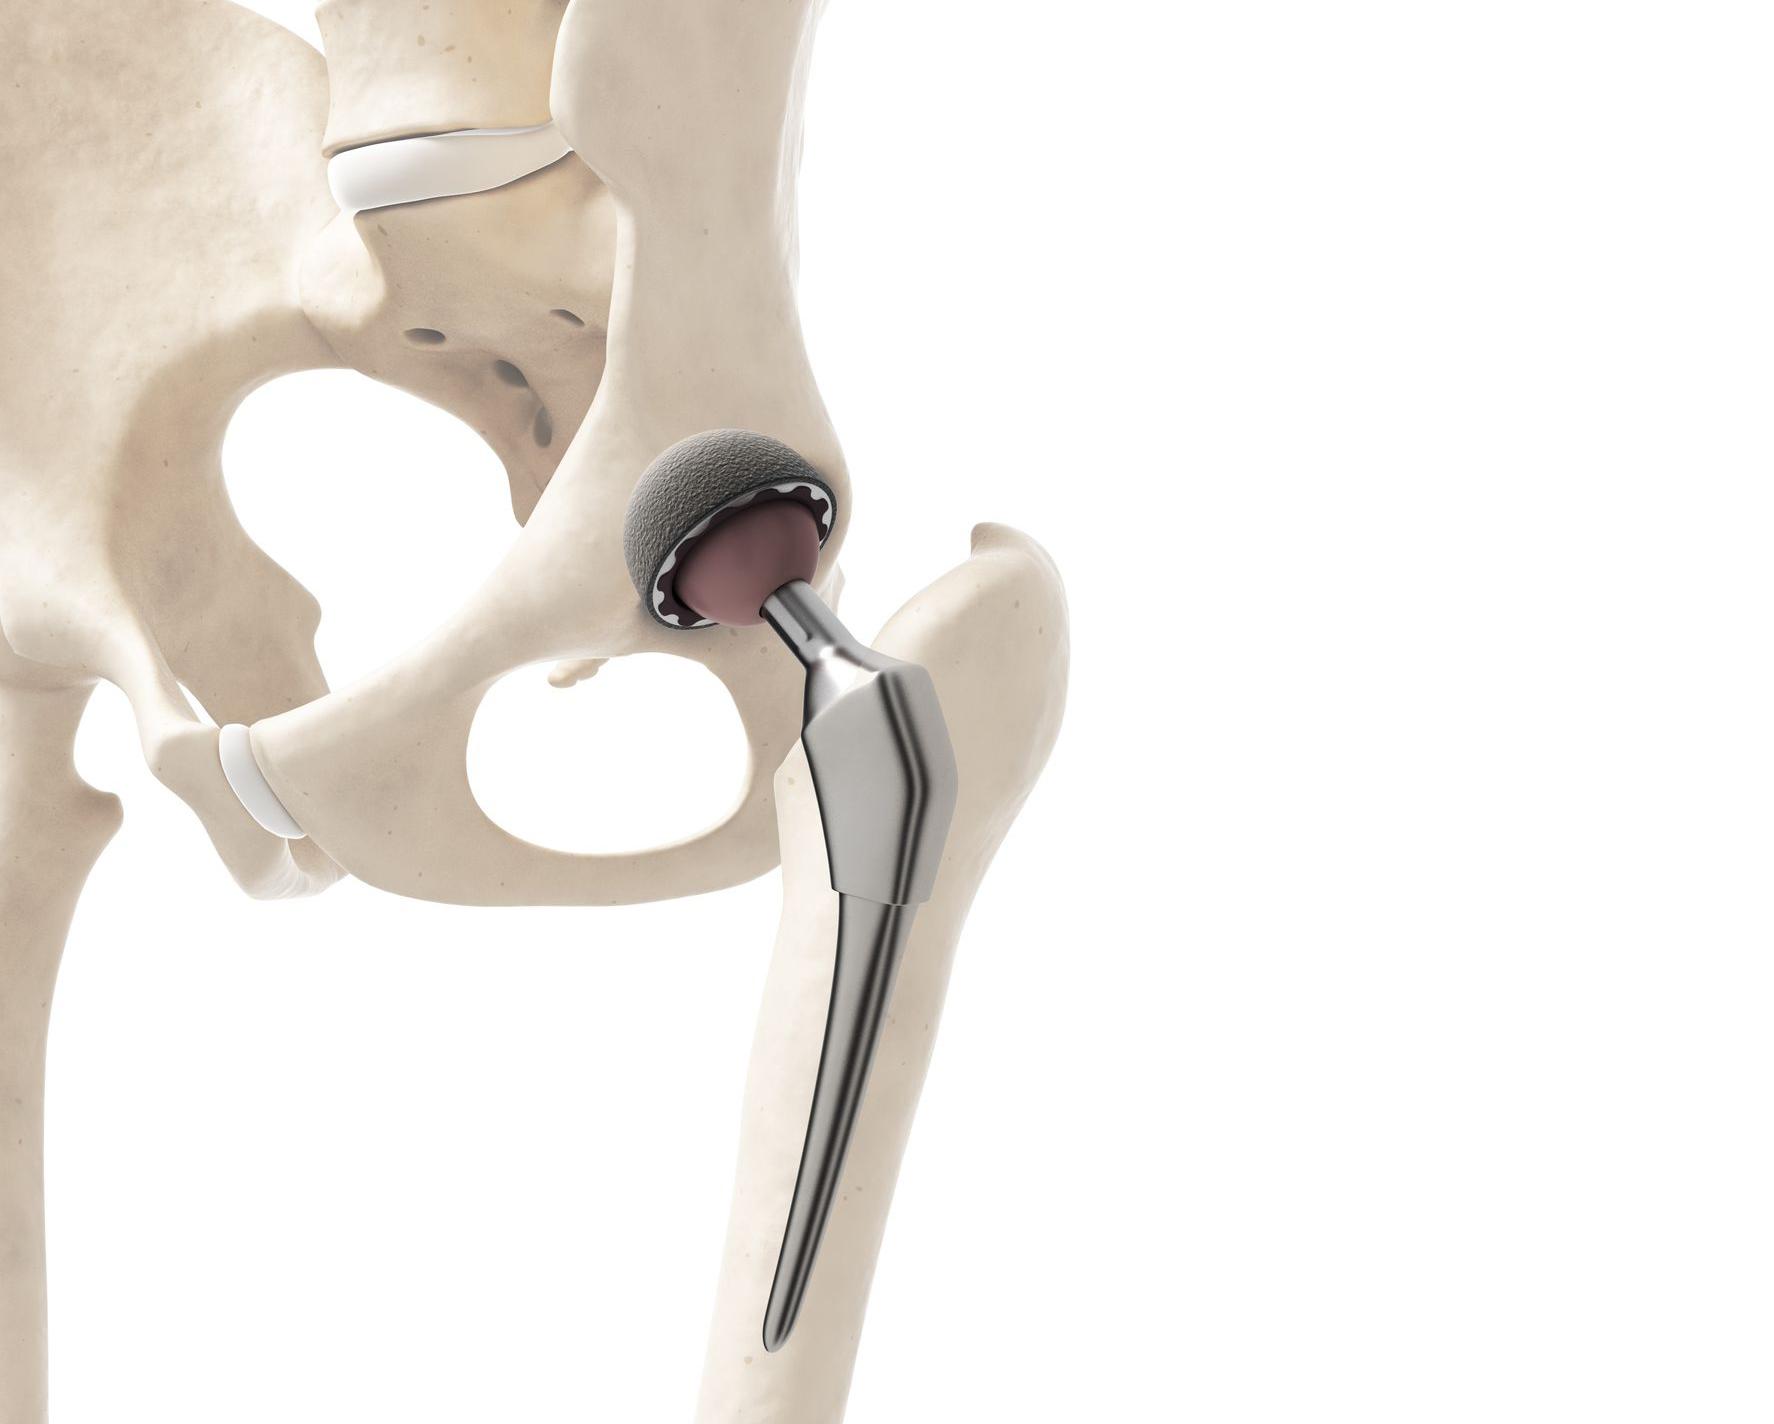 Charlas enfermeras para ayudar a pacientes a punto de operarse de prótesis de cadera o rodilla